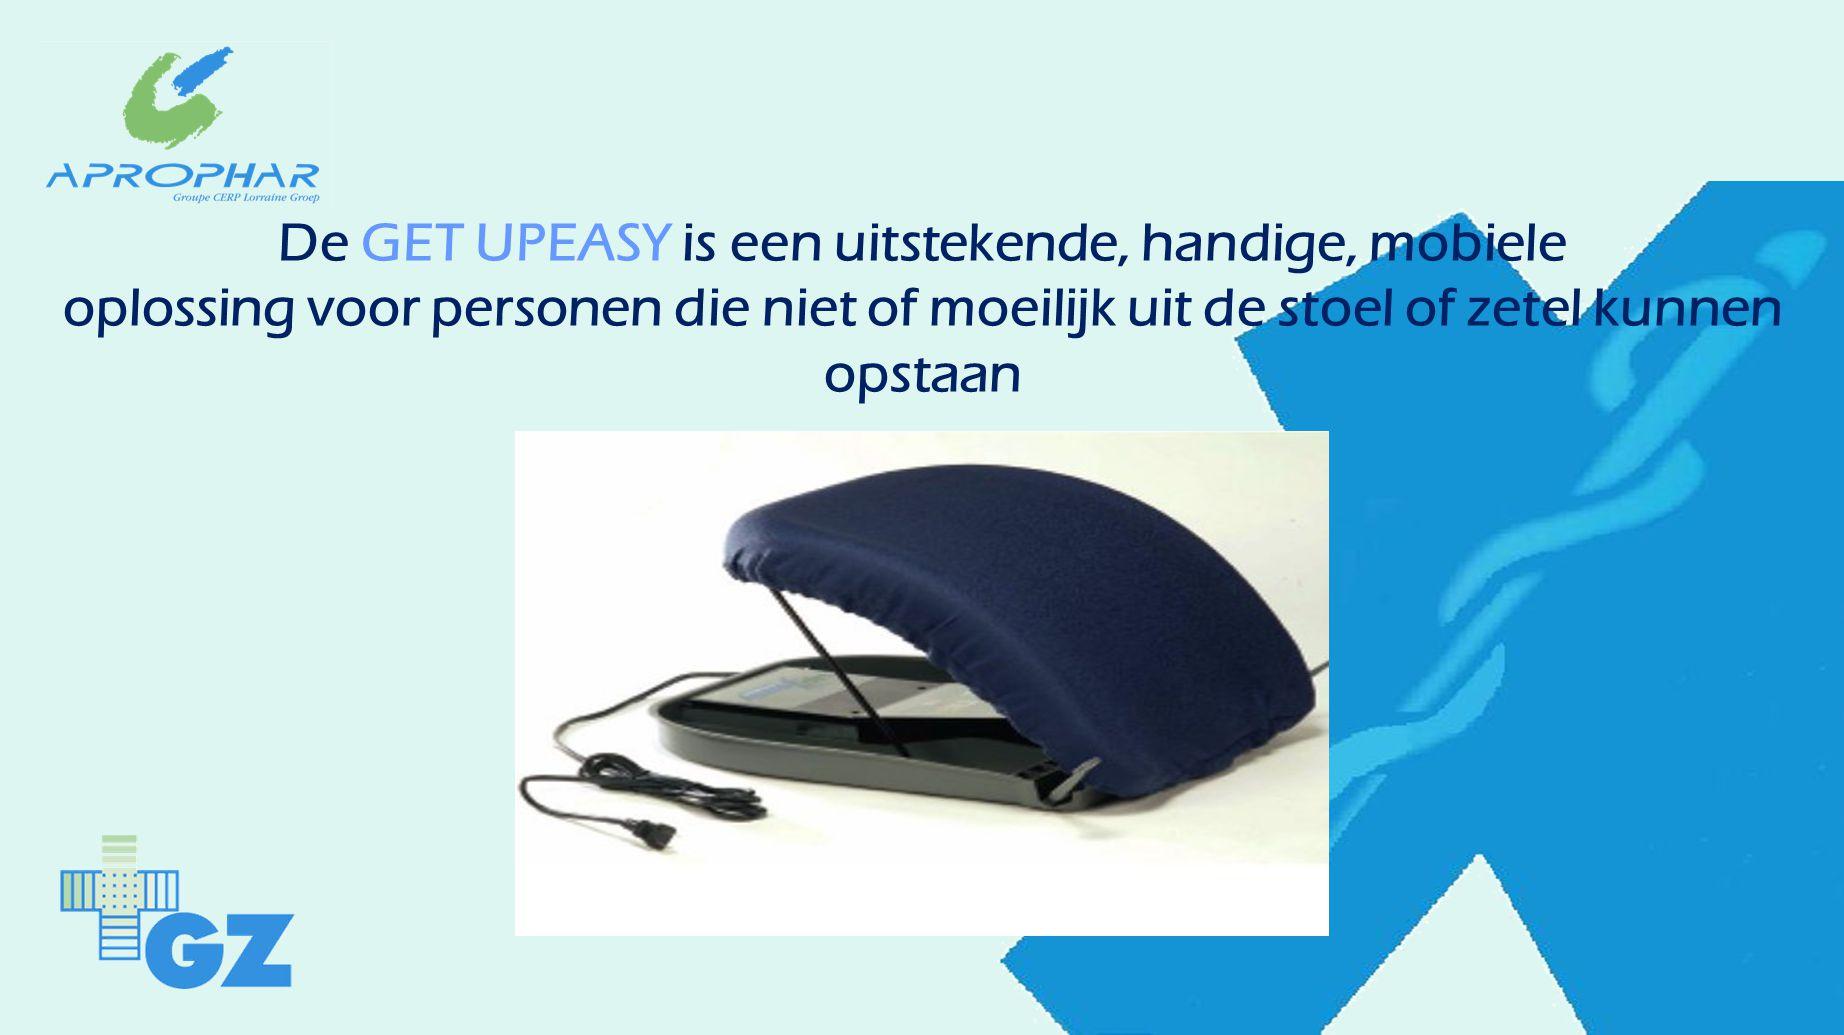 De GET UPEASY is een uitstekende, handige, mobiele oplossing voor personen die niet of moeilijk uit de stoel of zetel kunnen opstaan